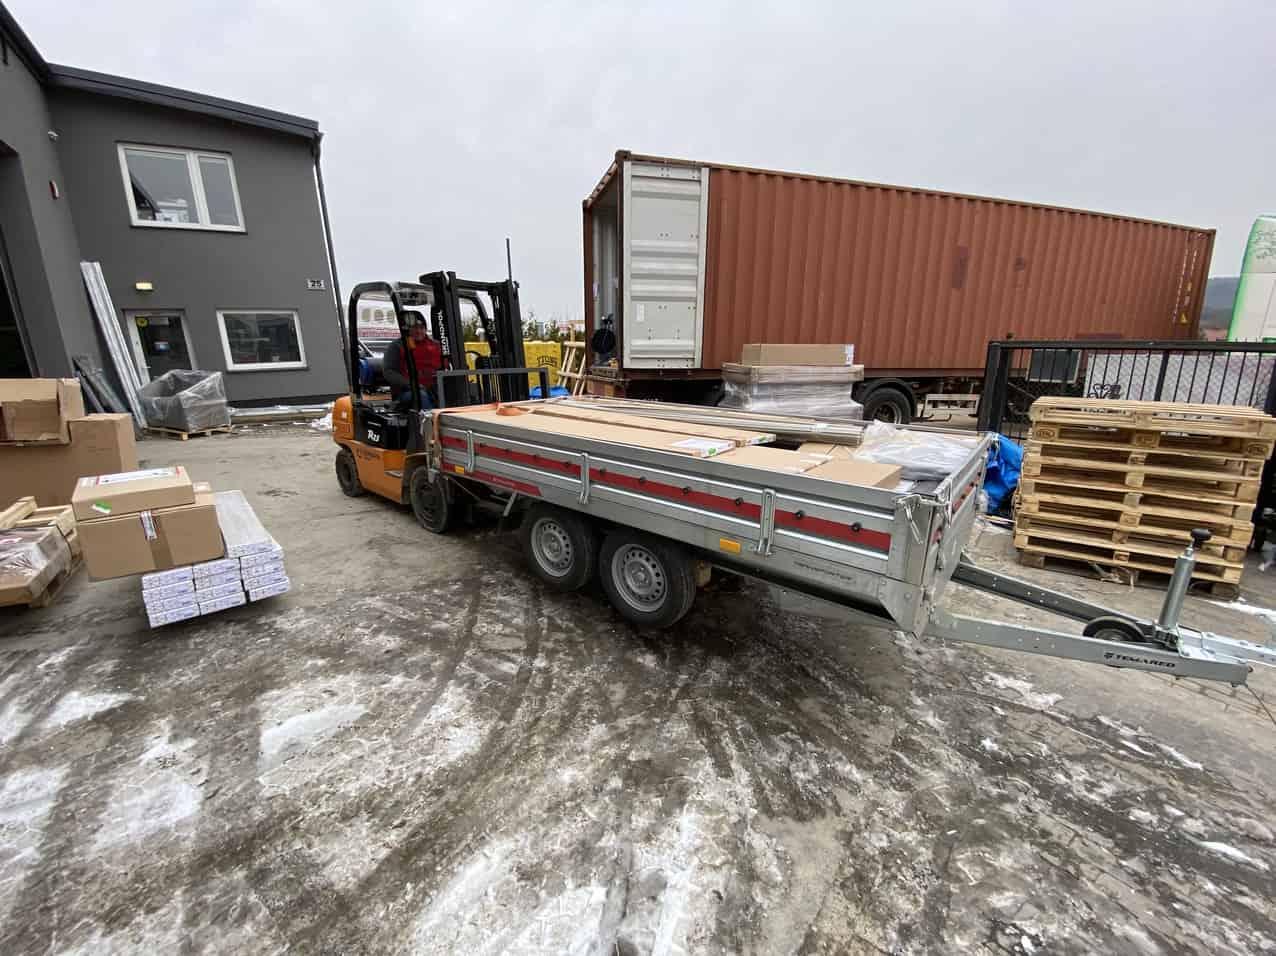 9 - Transport of building materials to Reykjavik